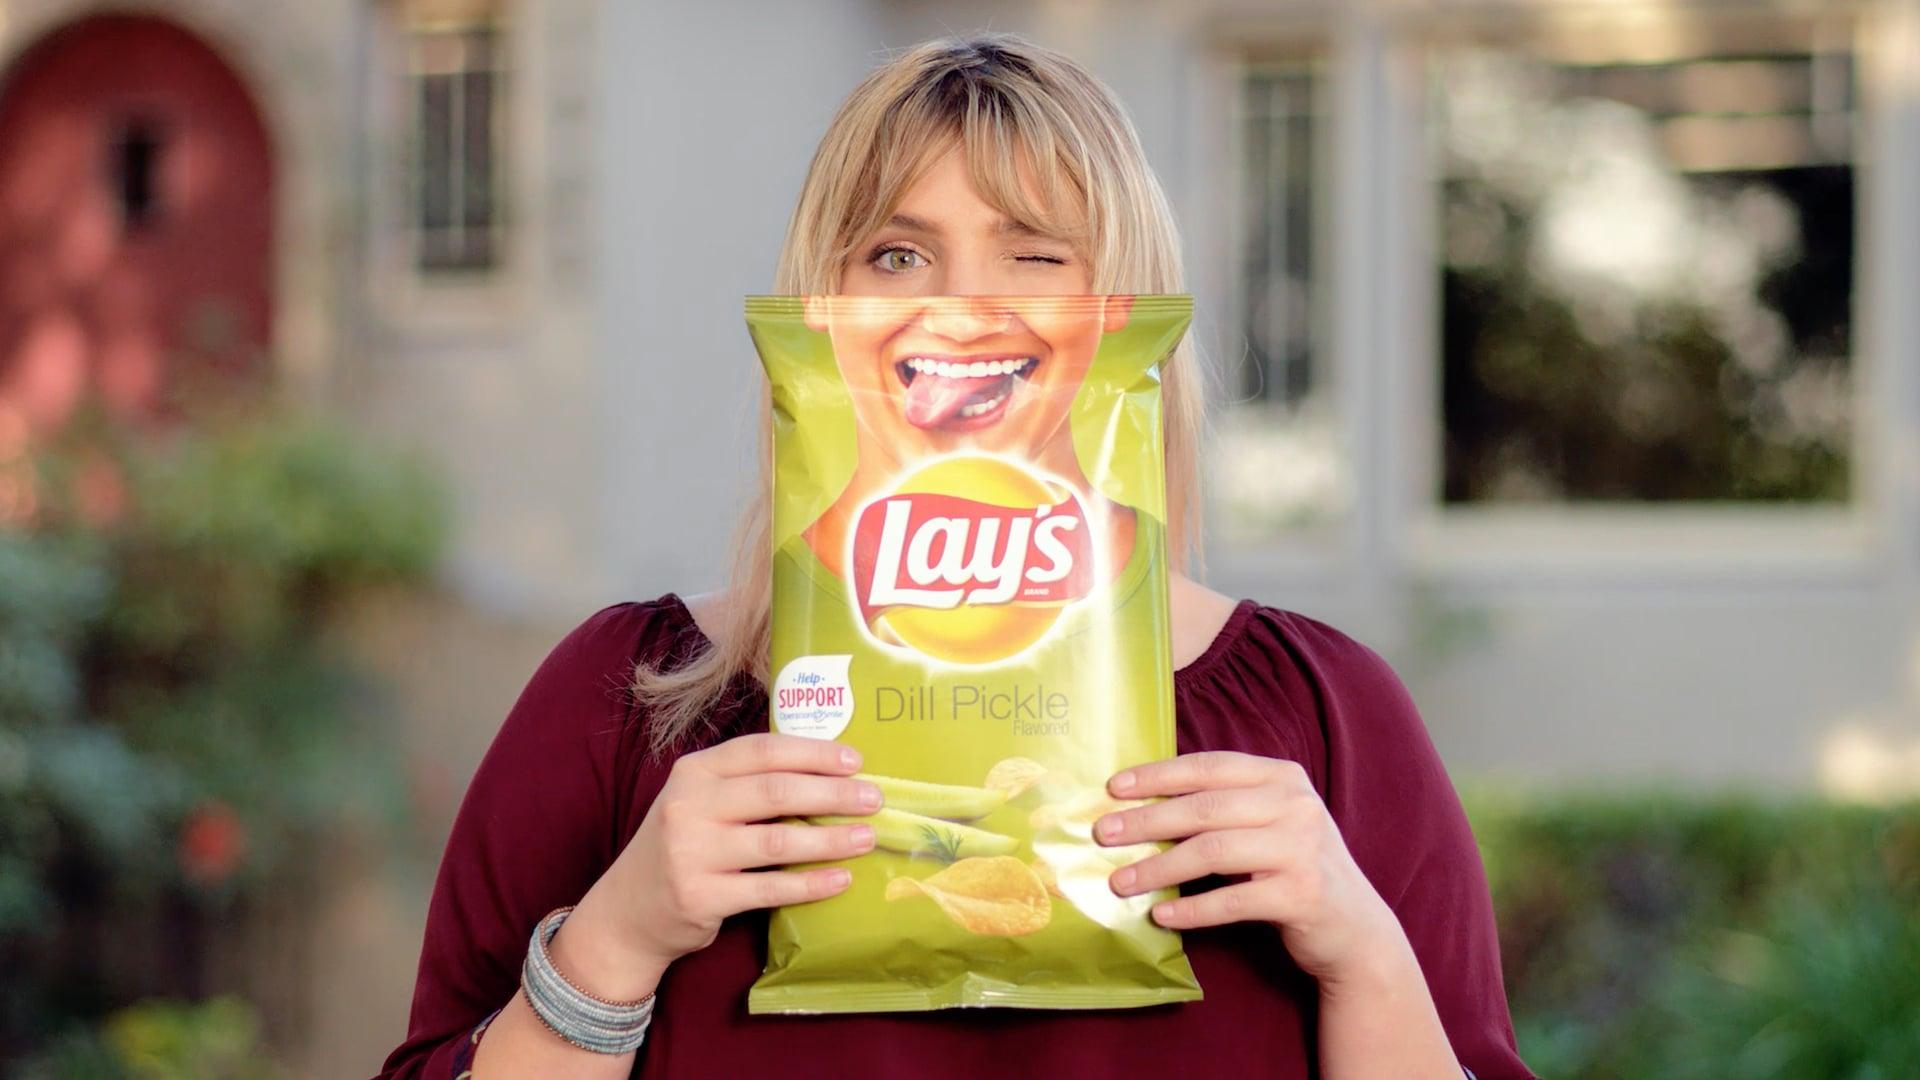 Lays - Smiles